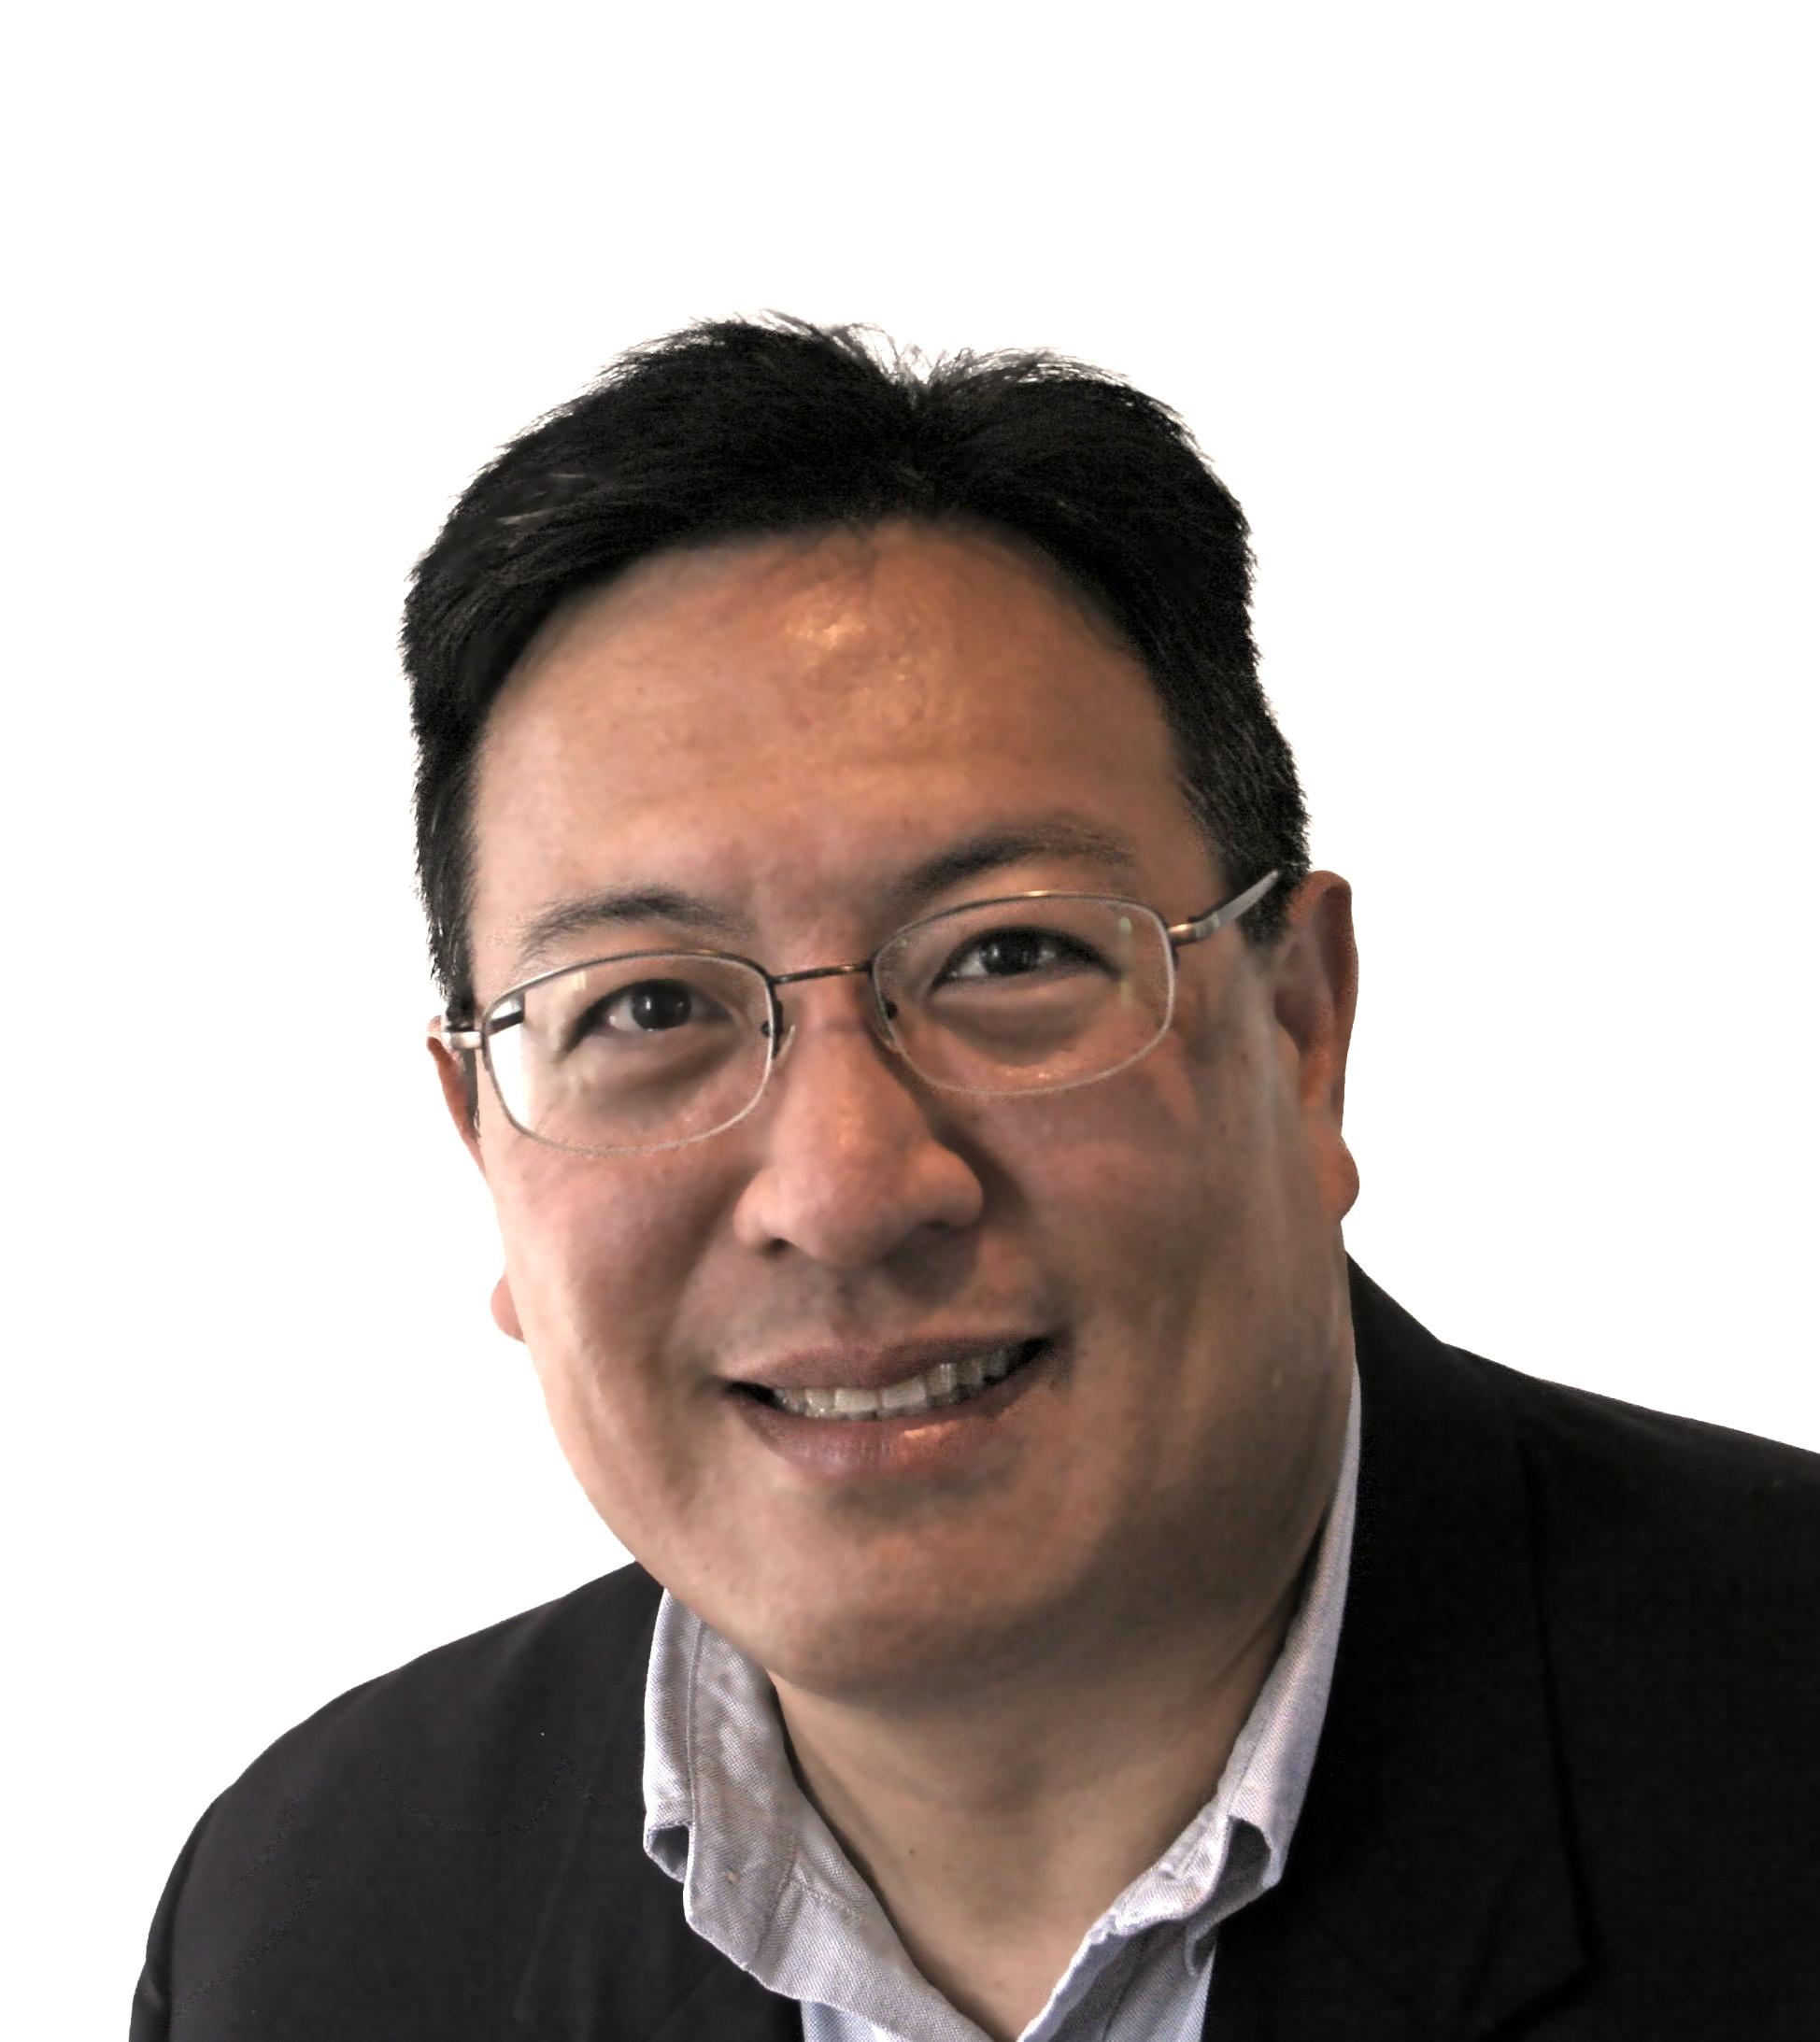 Mark Wang